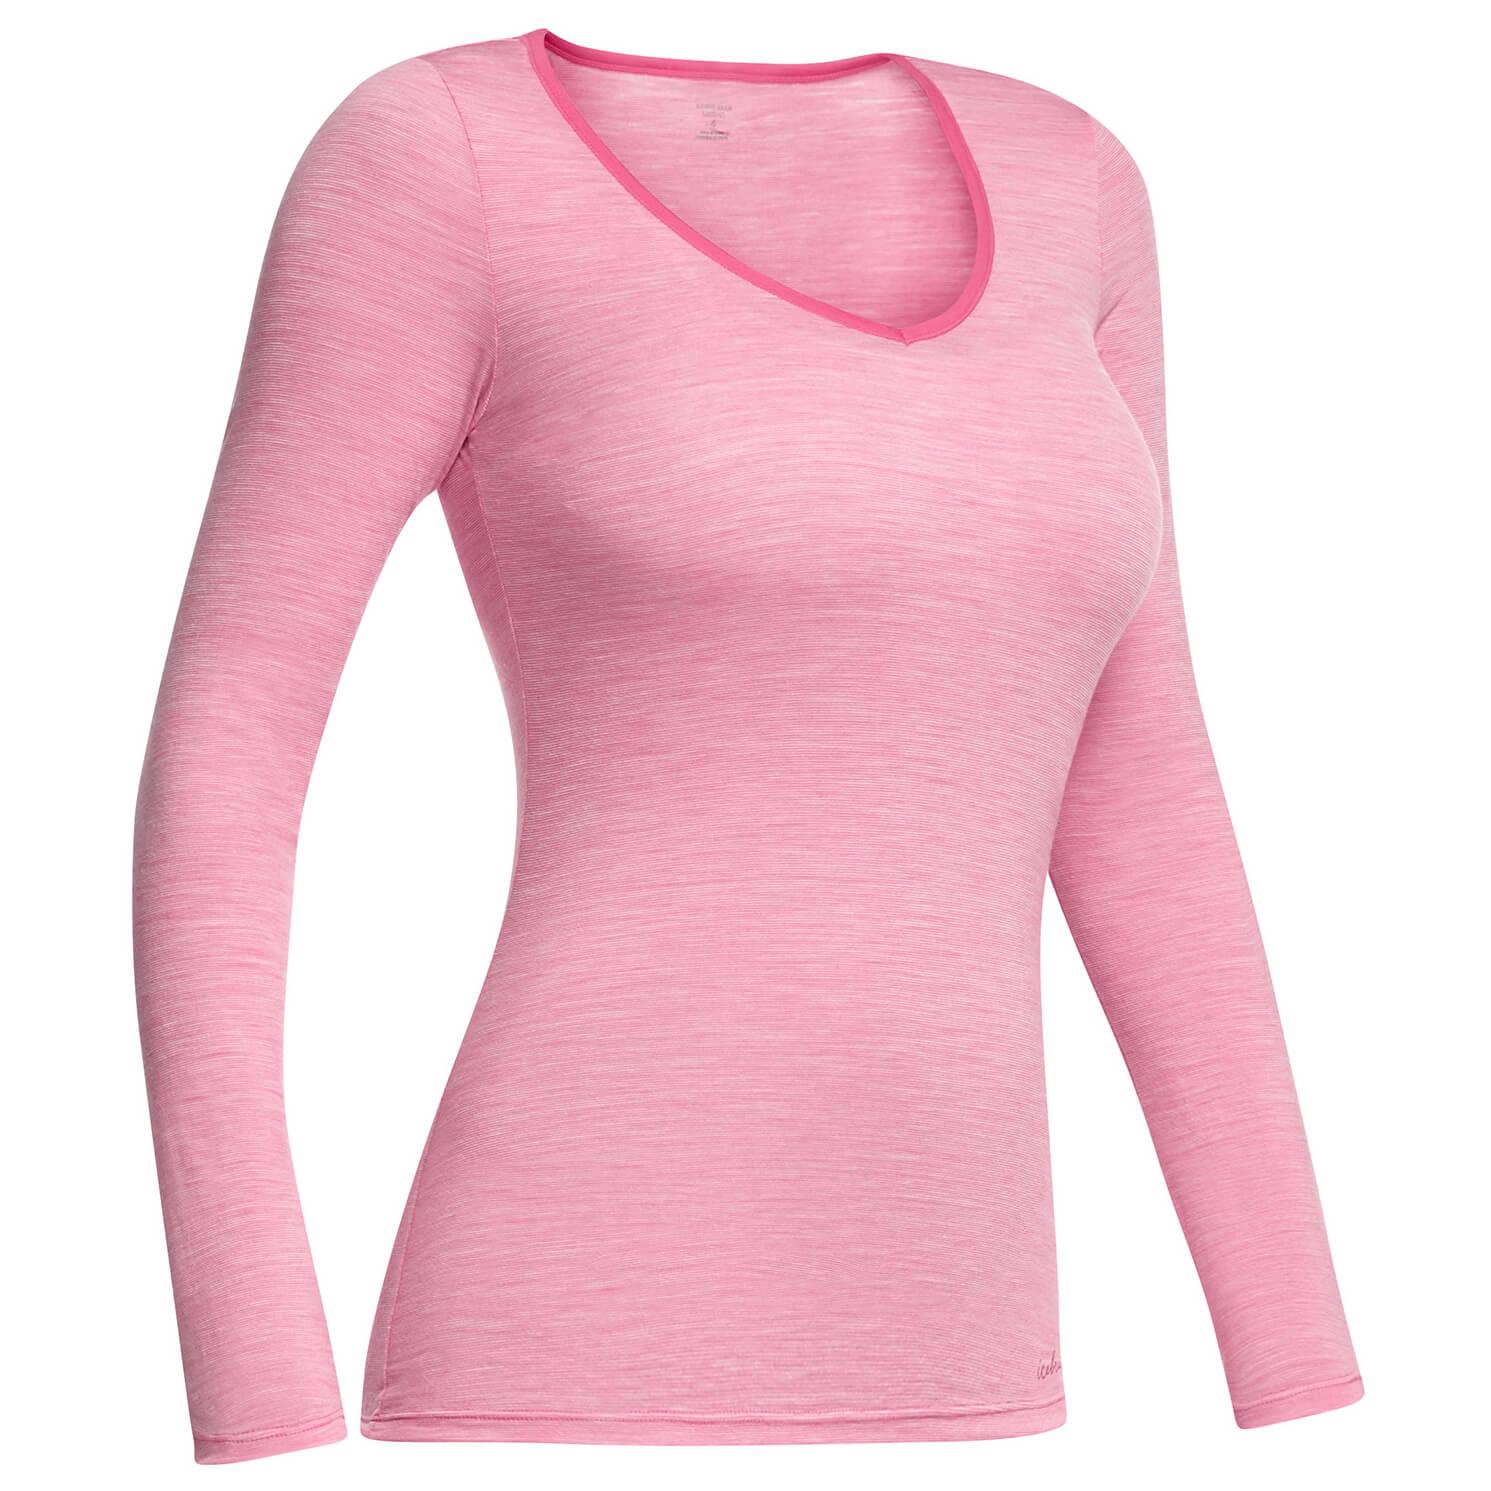 080fa9c8a6 Icebreaker Siren LS Sweetheart - Long-sleeve Women's | Buy online ...